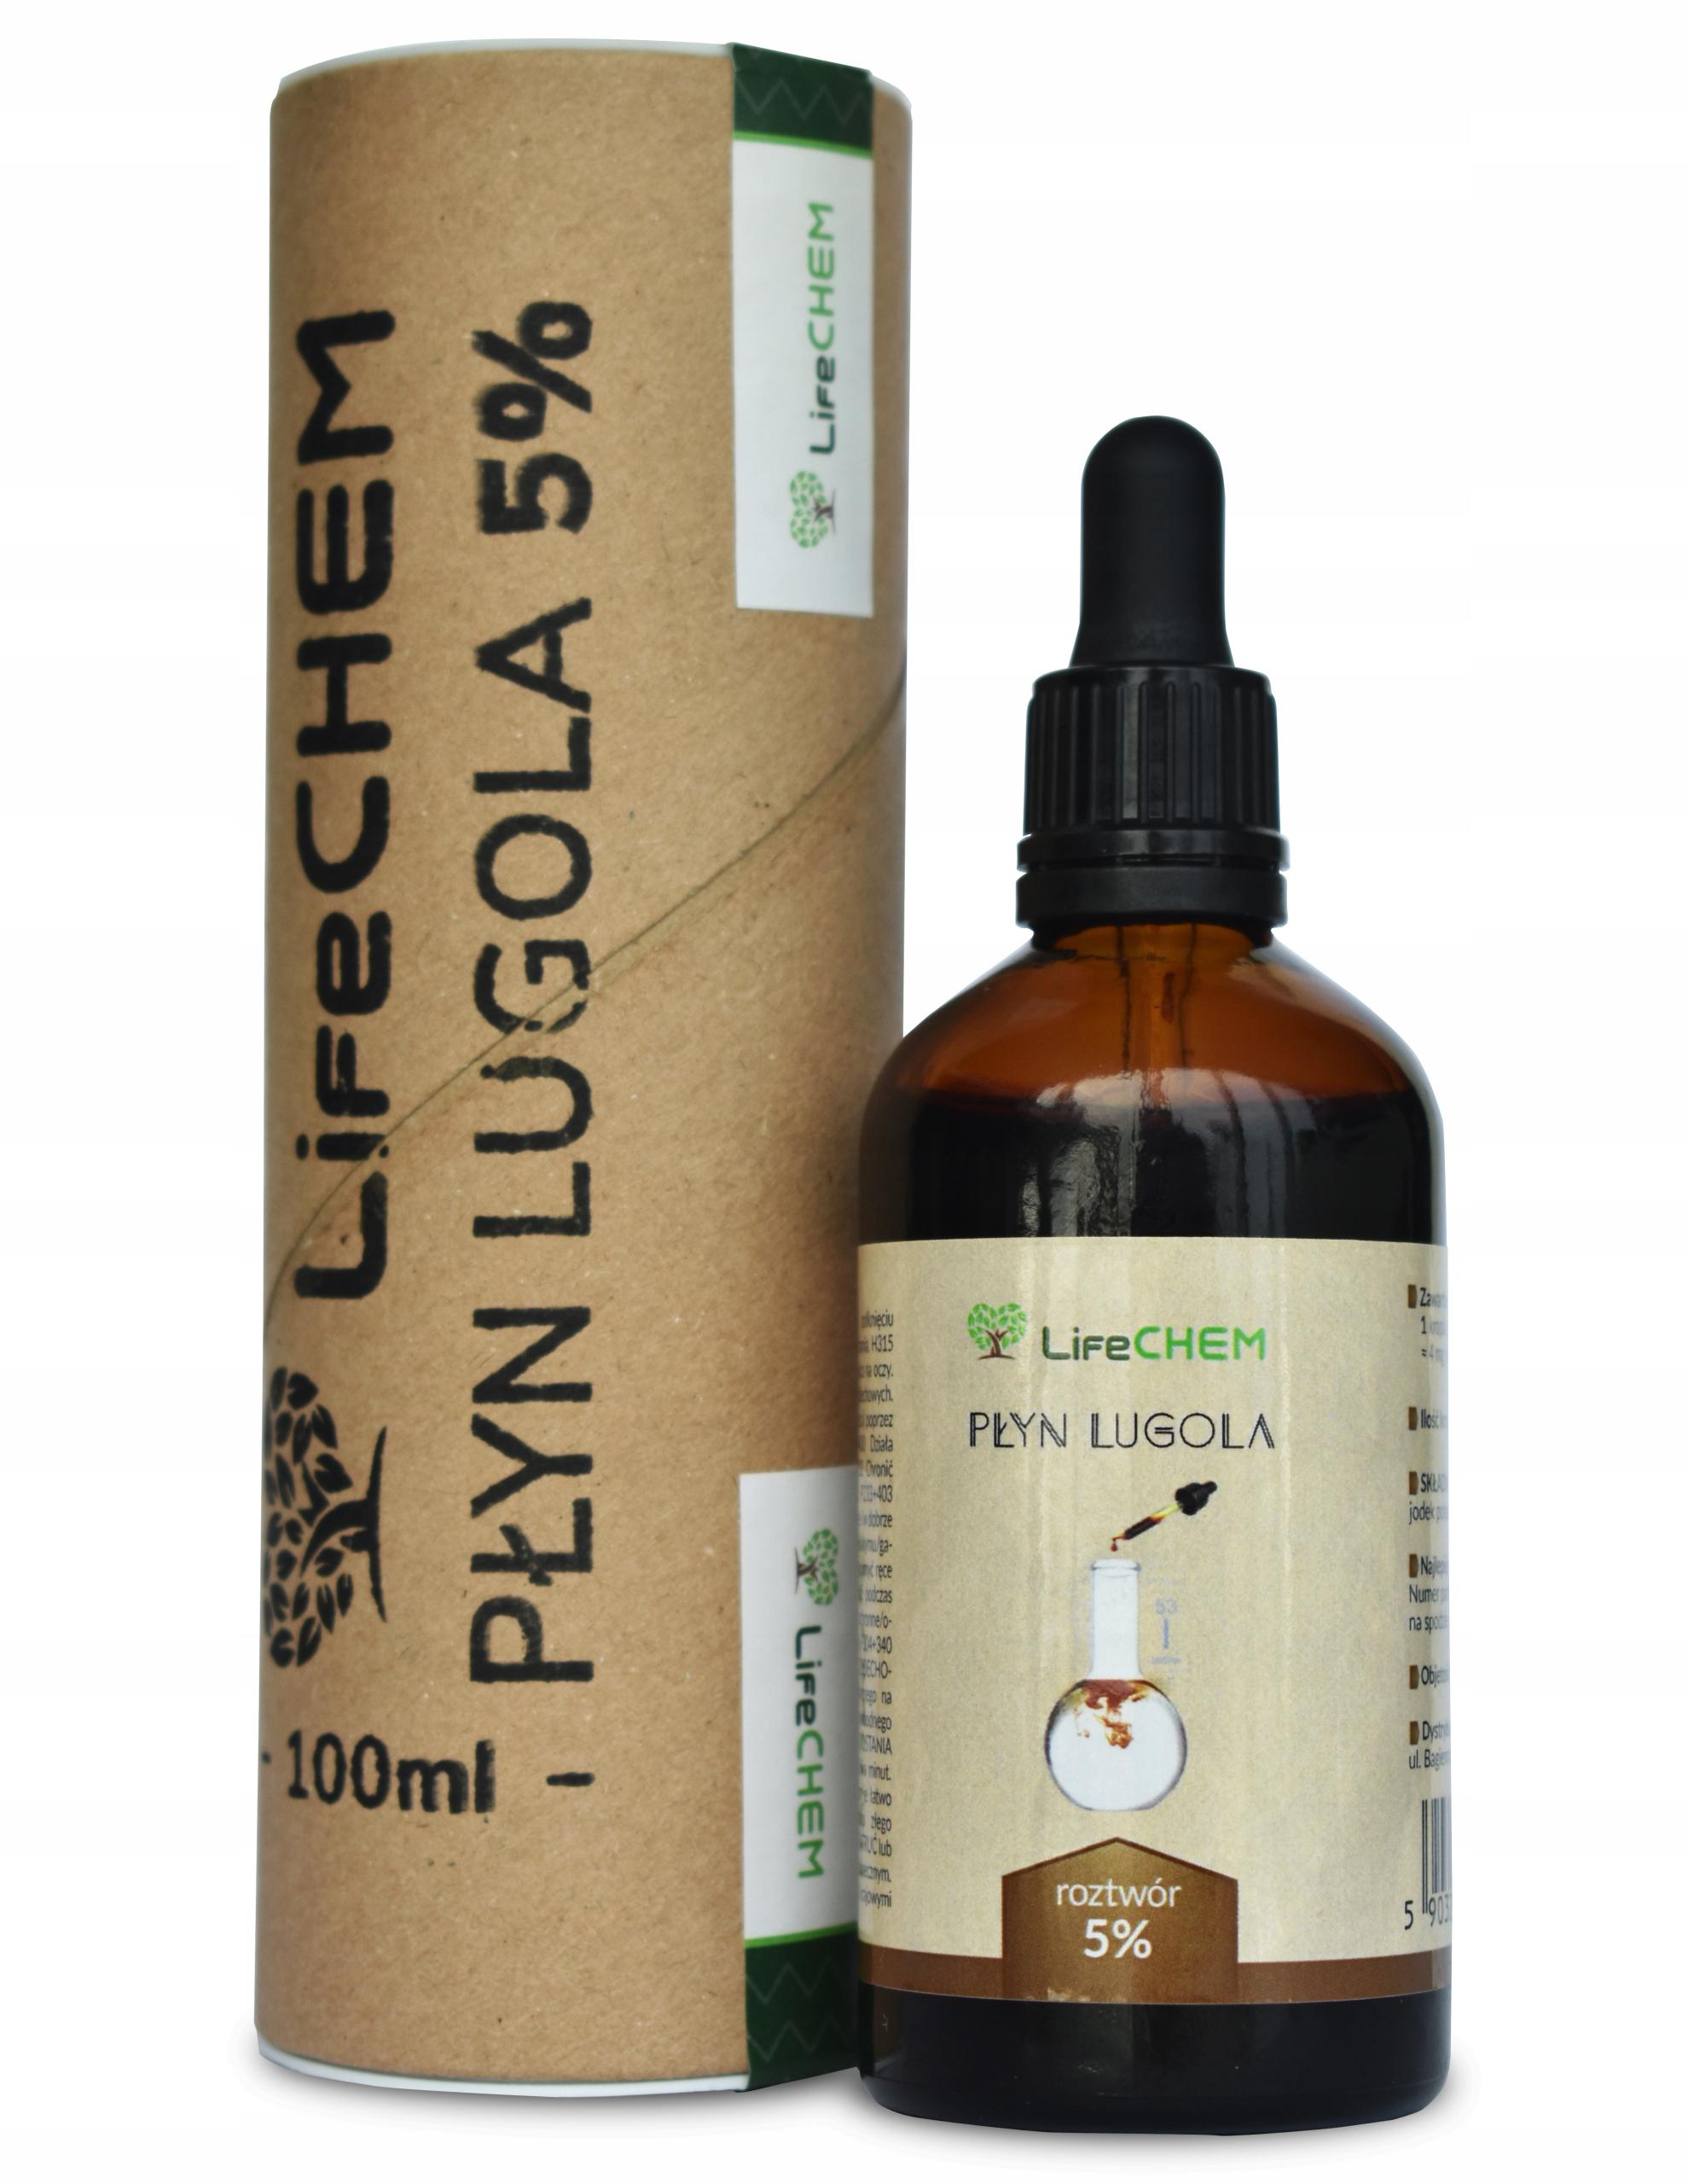 Жидкость Люголя 5% 100 мл - ЙОД Чистый ar ar - LifeCHEM